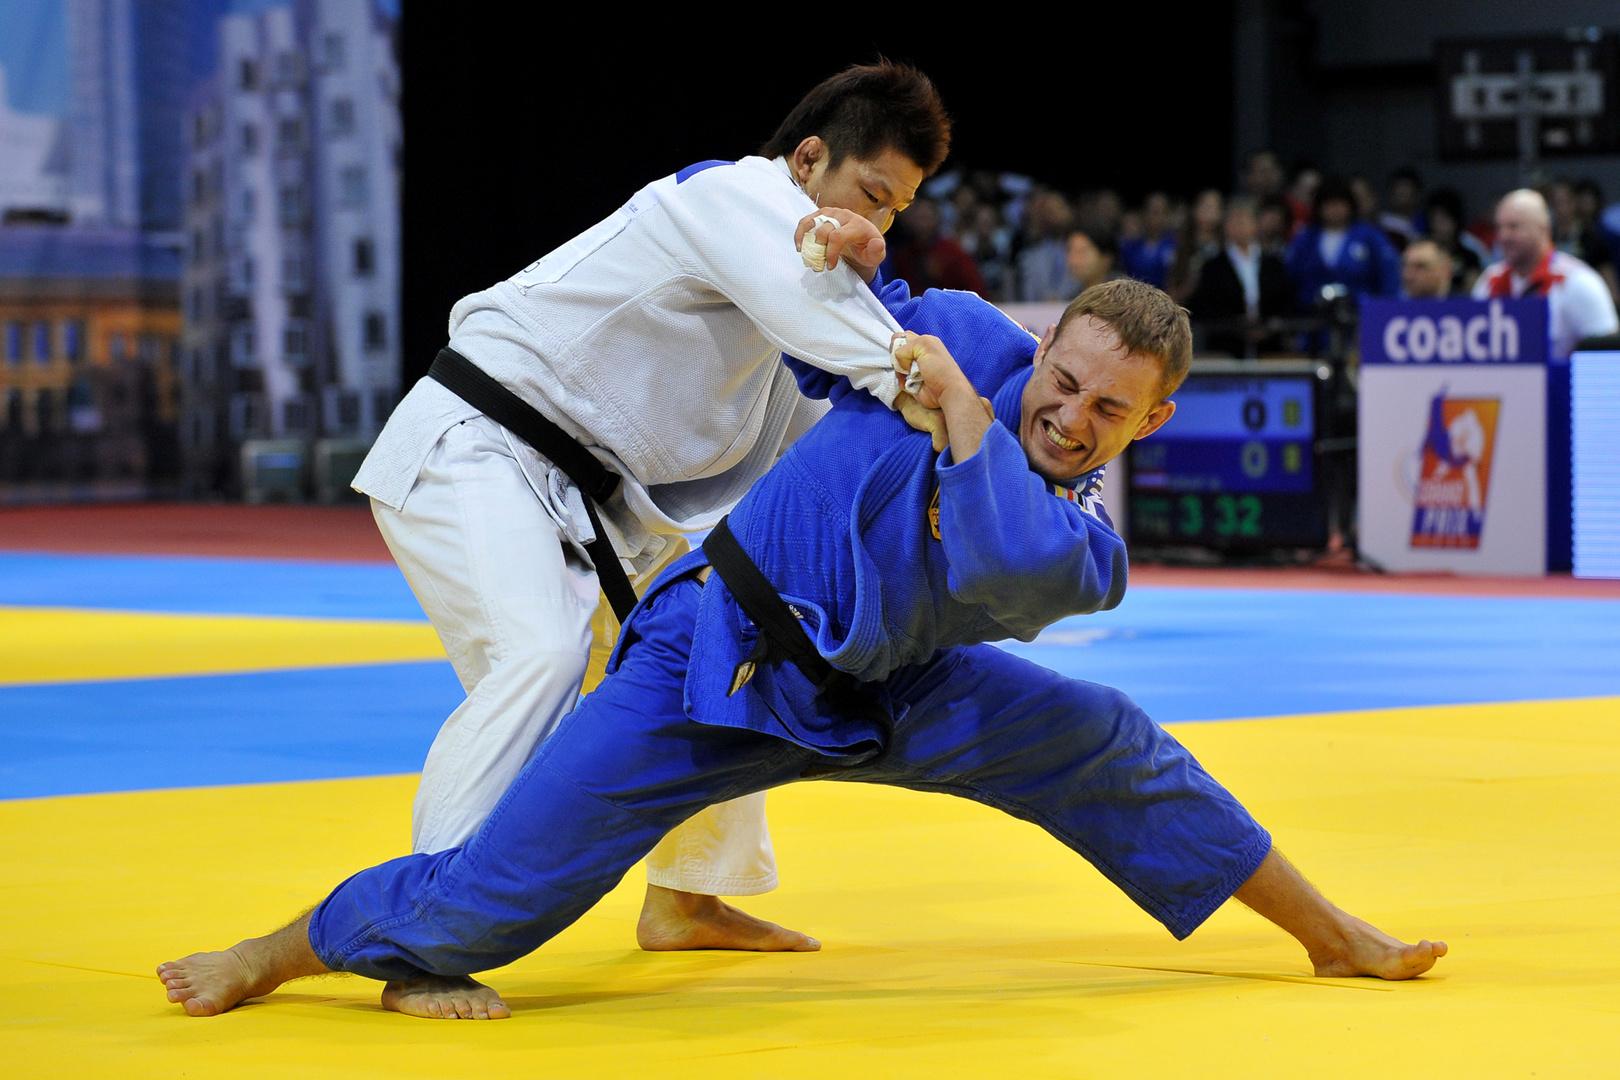 Judo #2